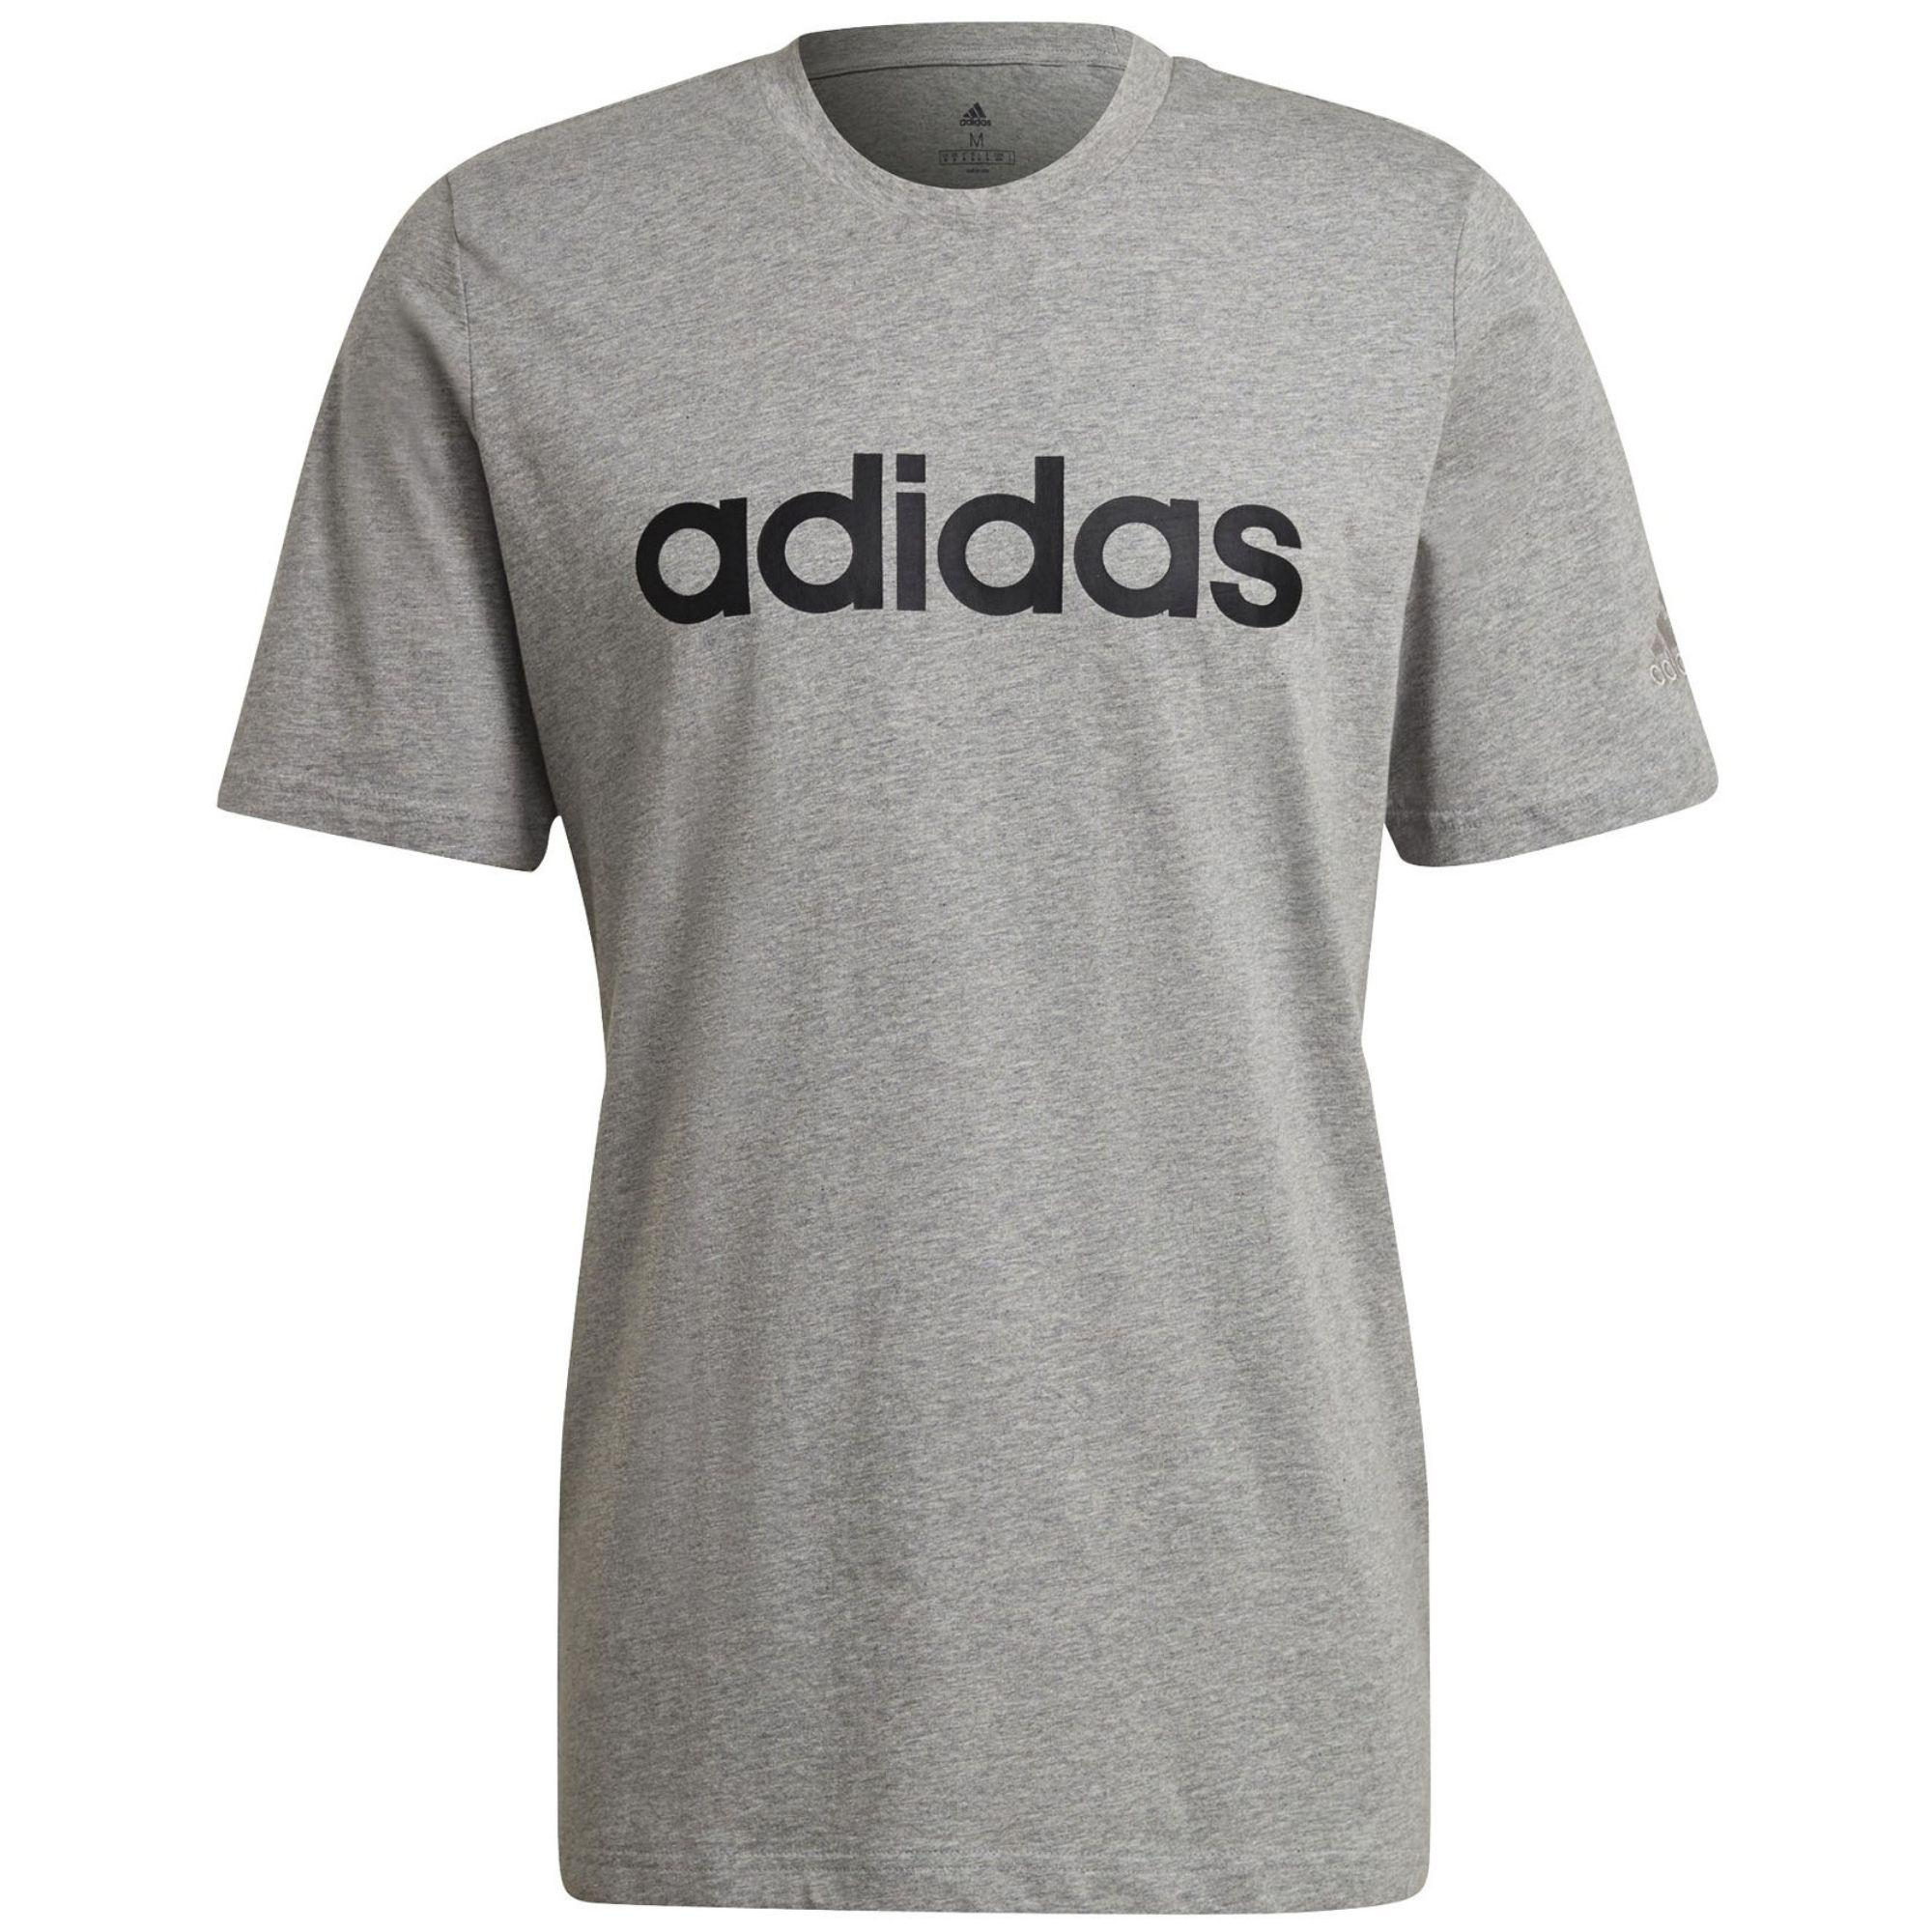 Camiseta ADIDAS ALGODON GRIS